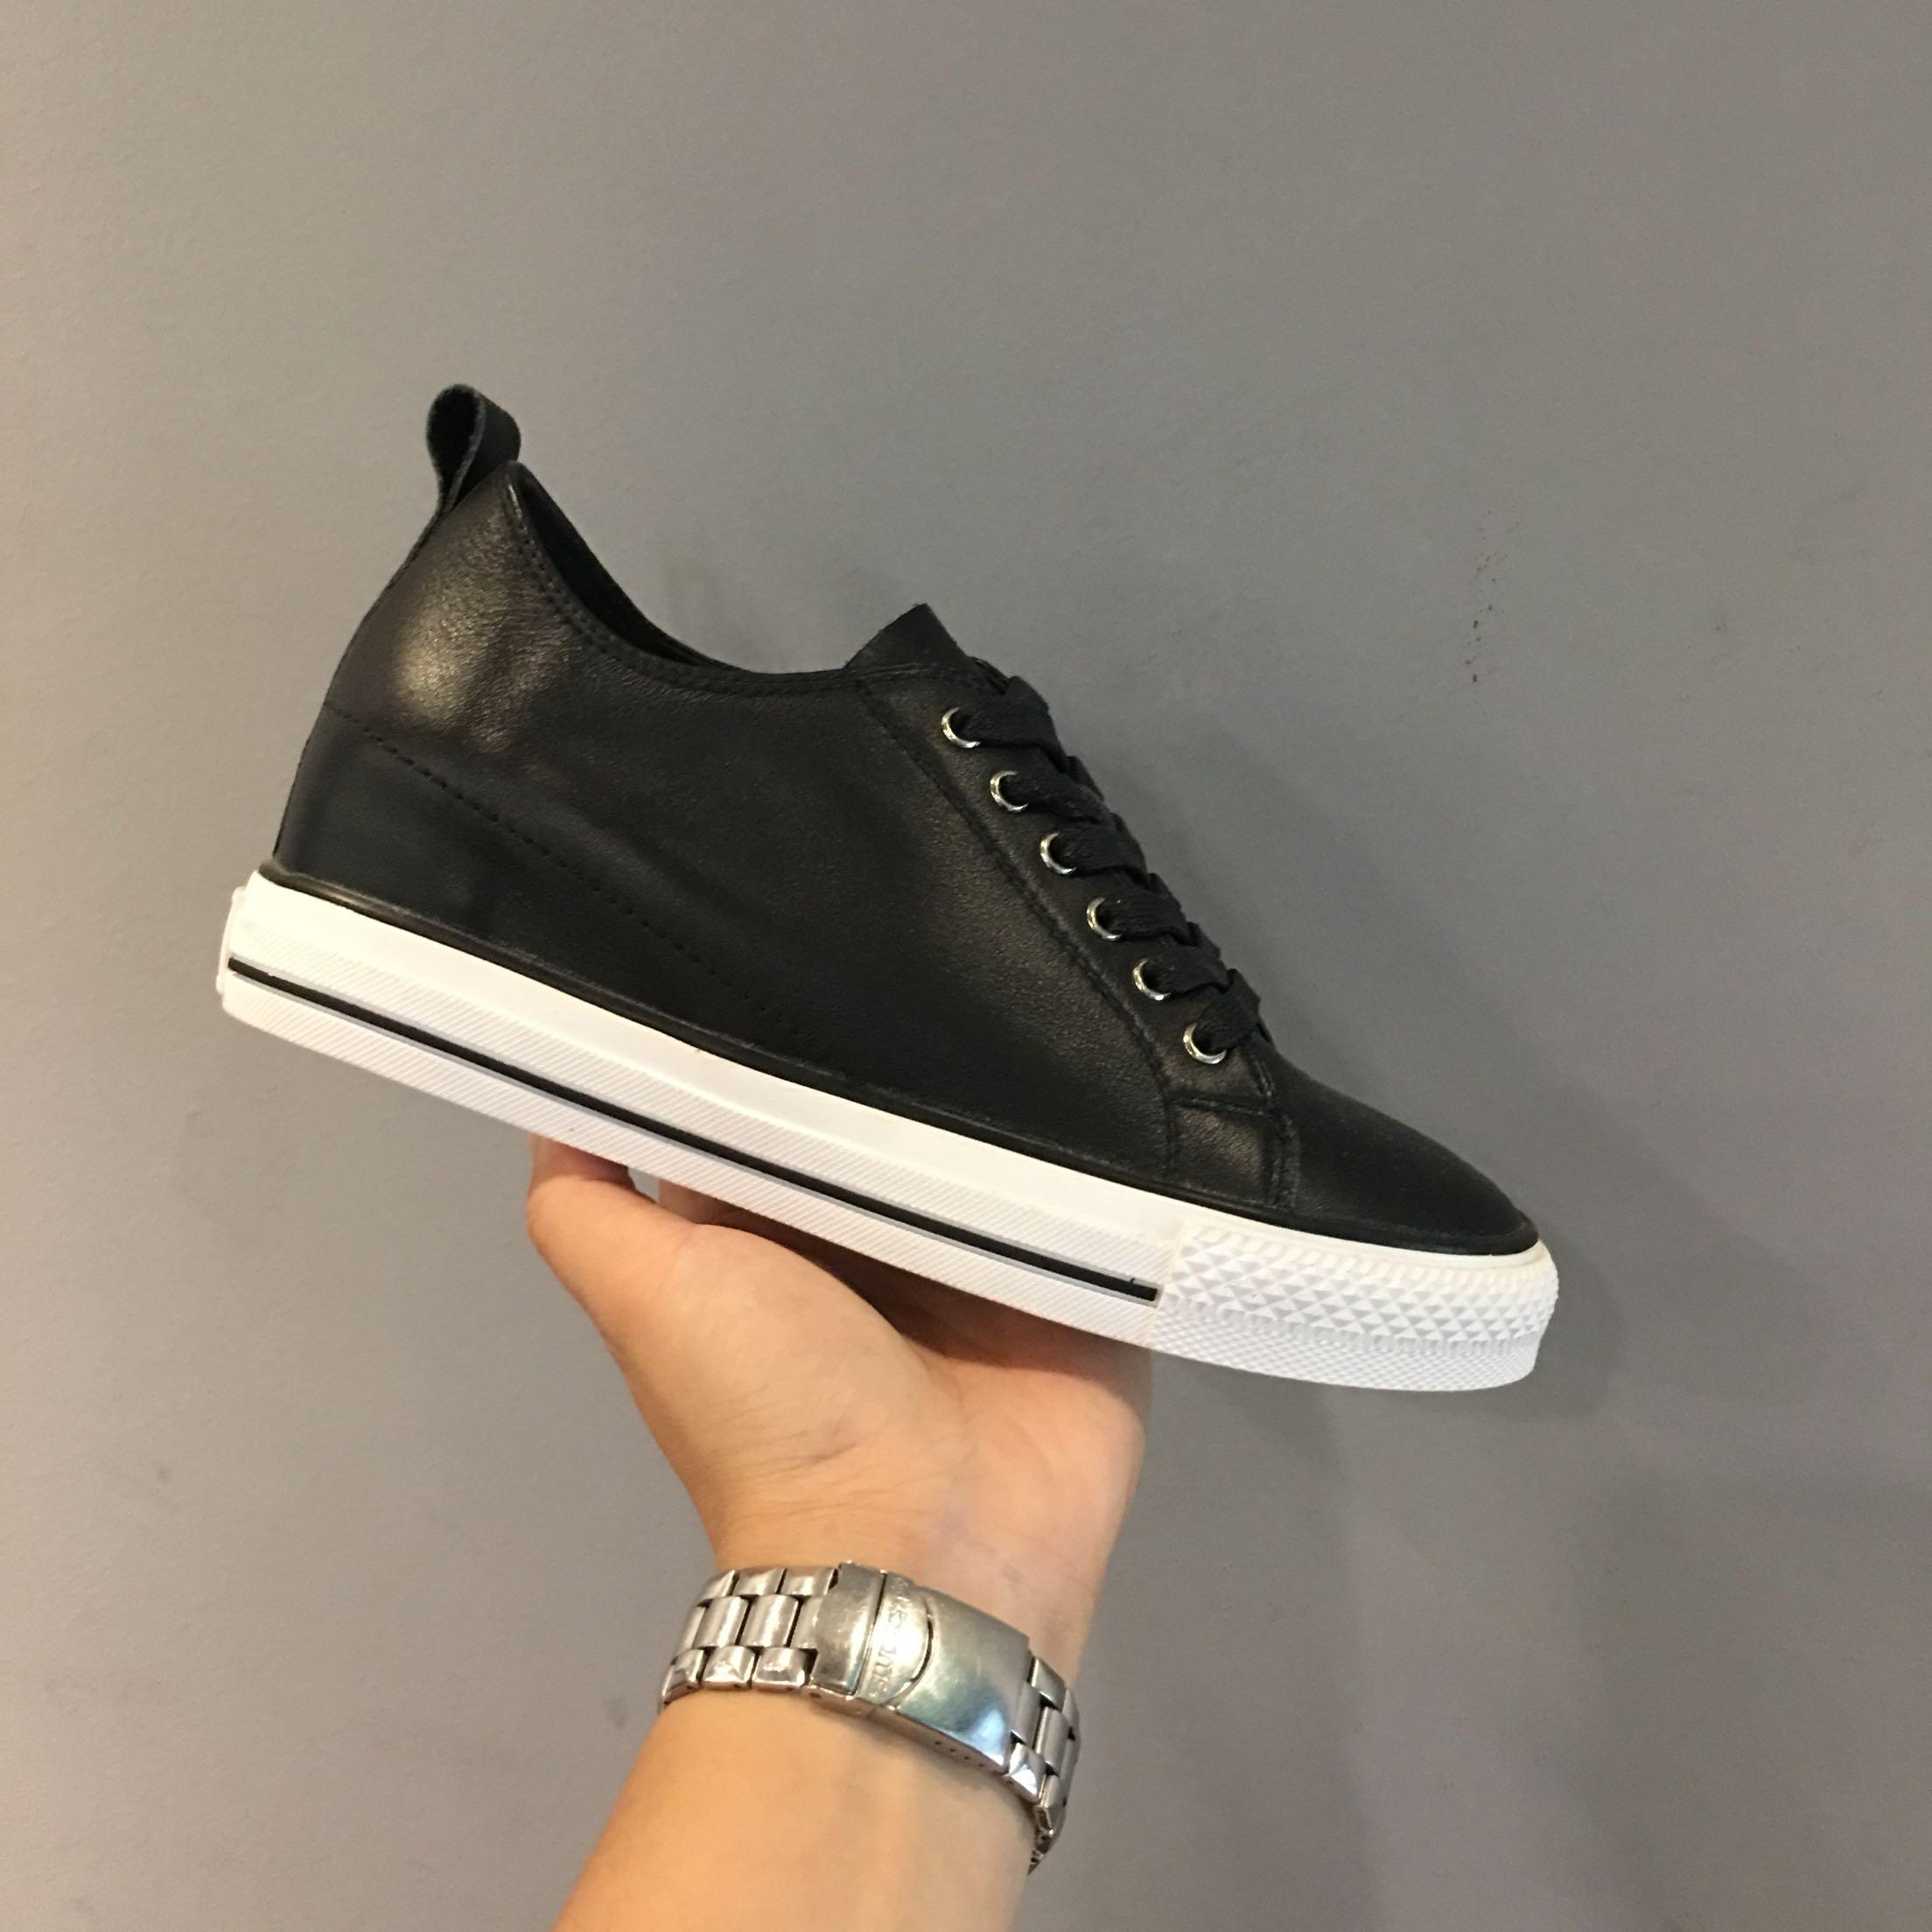 01-5 处理不退换 IG女鞋圆头系带内增高坡跟板鞋休闲鞋单鞋小白鞋